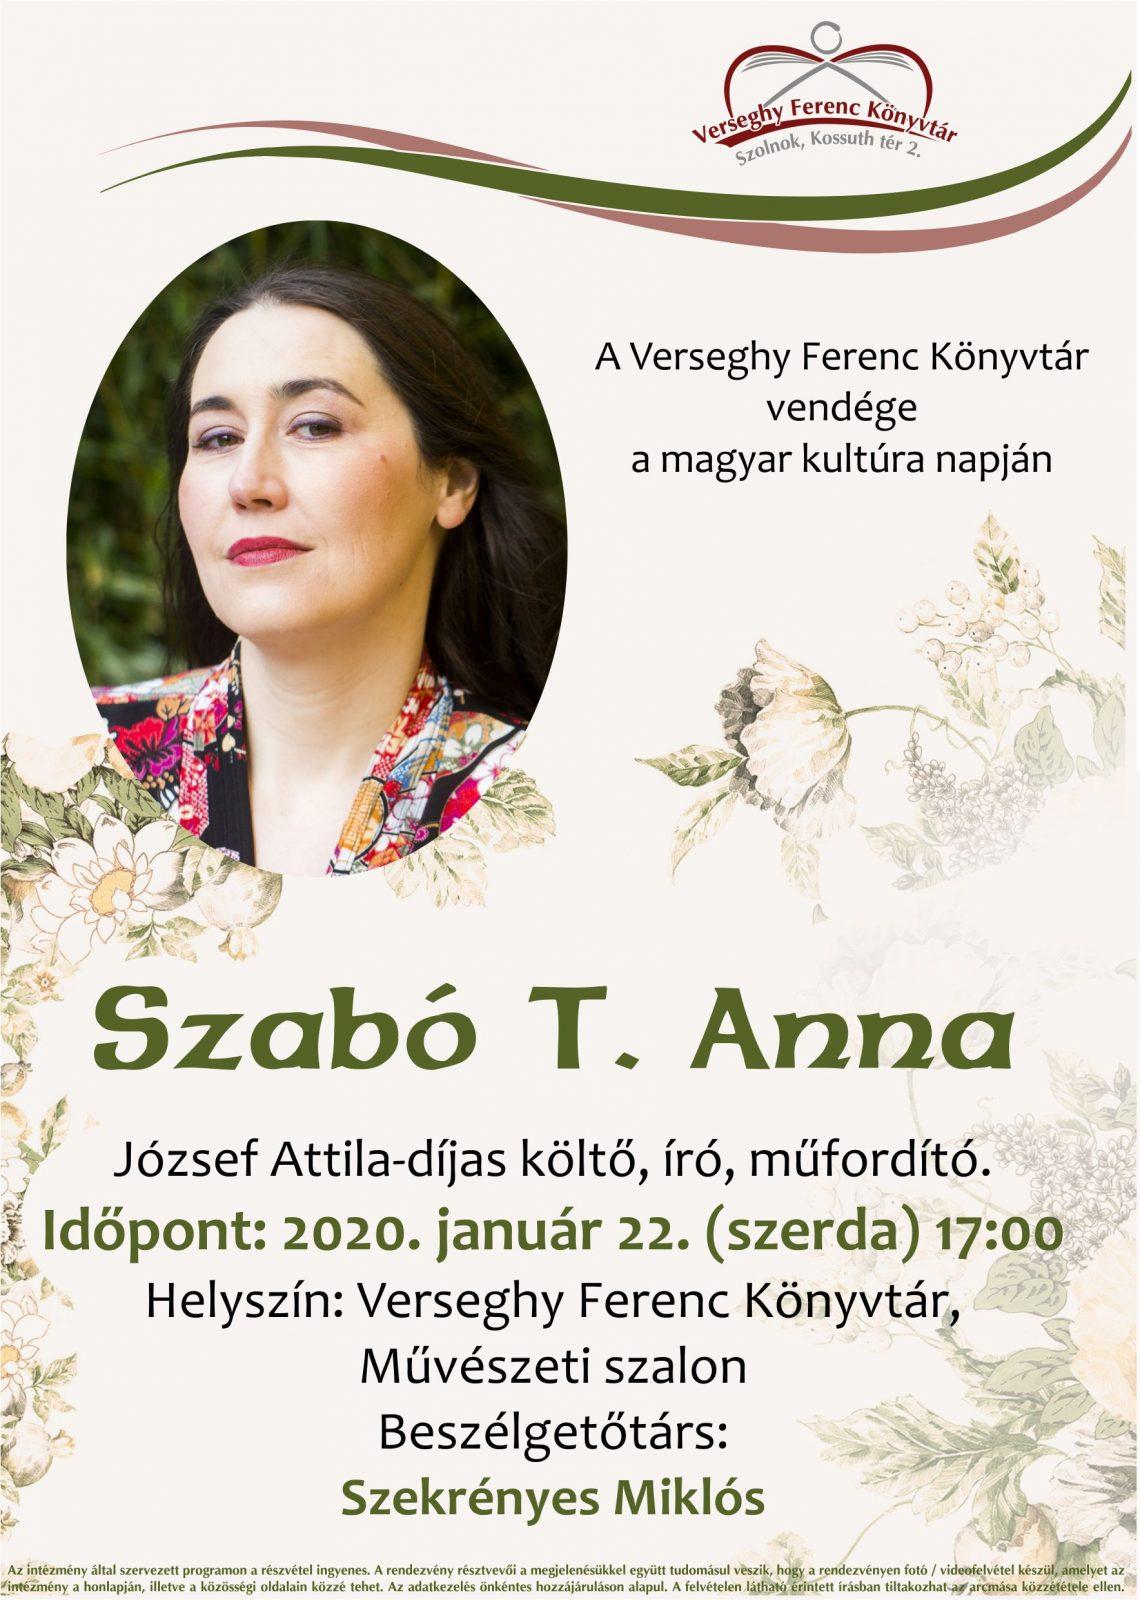 2020.01.22. Szabó T. Anna. Plakát.